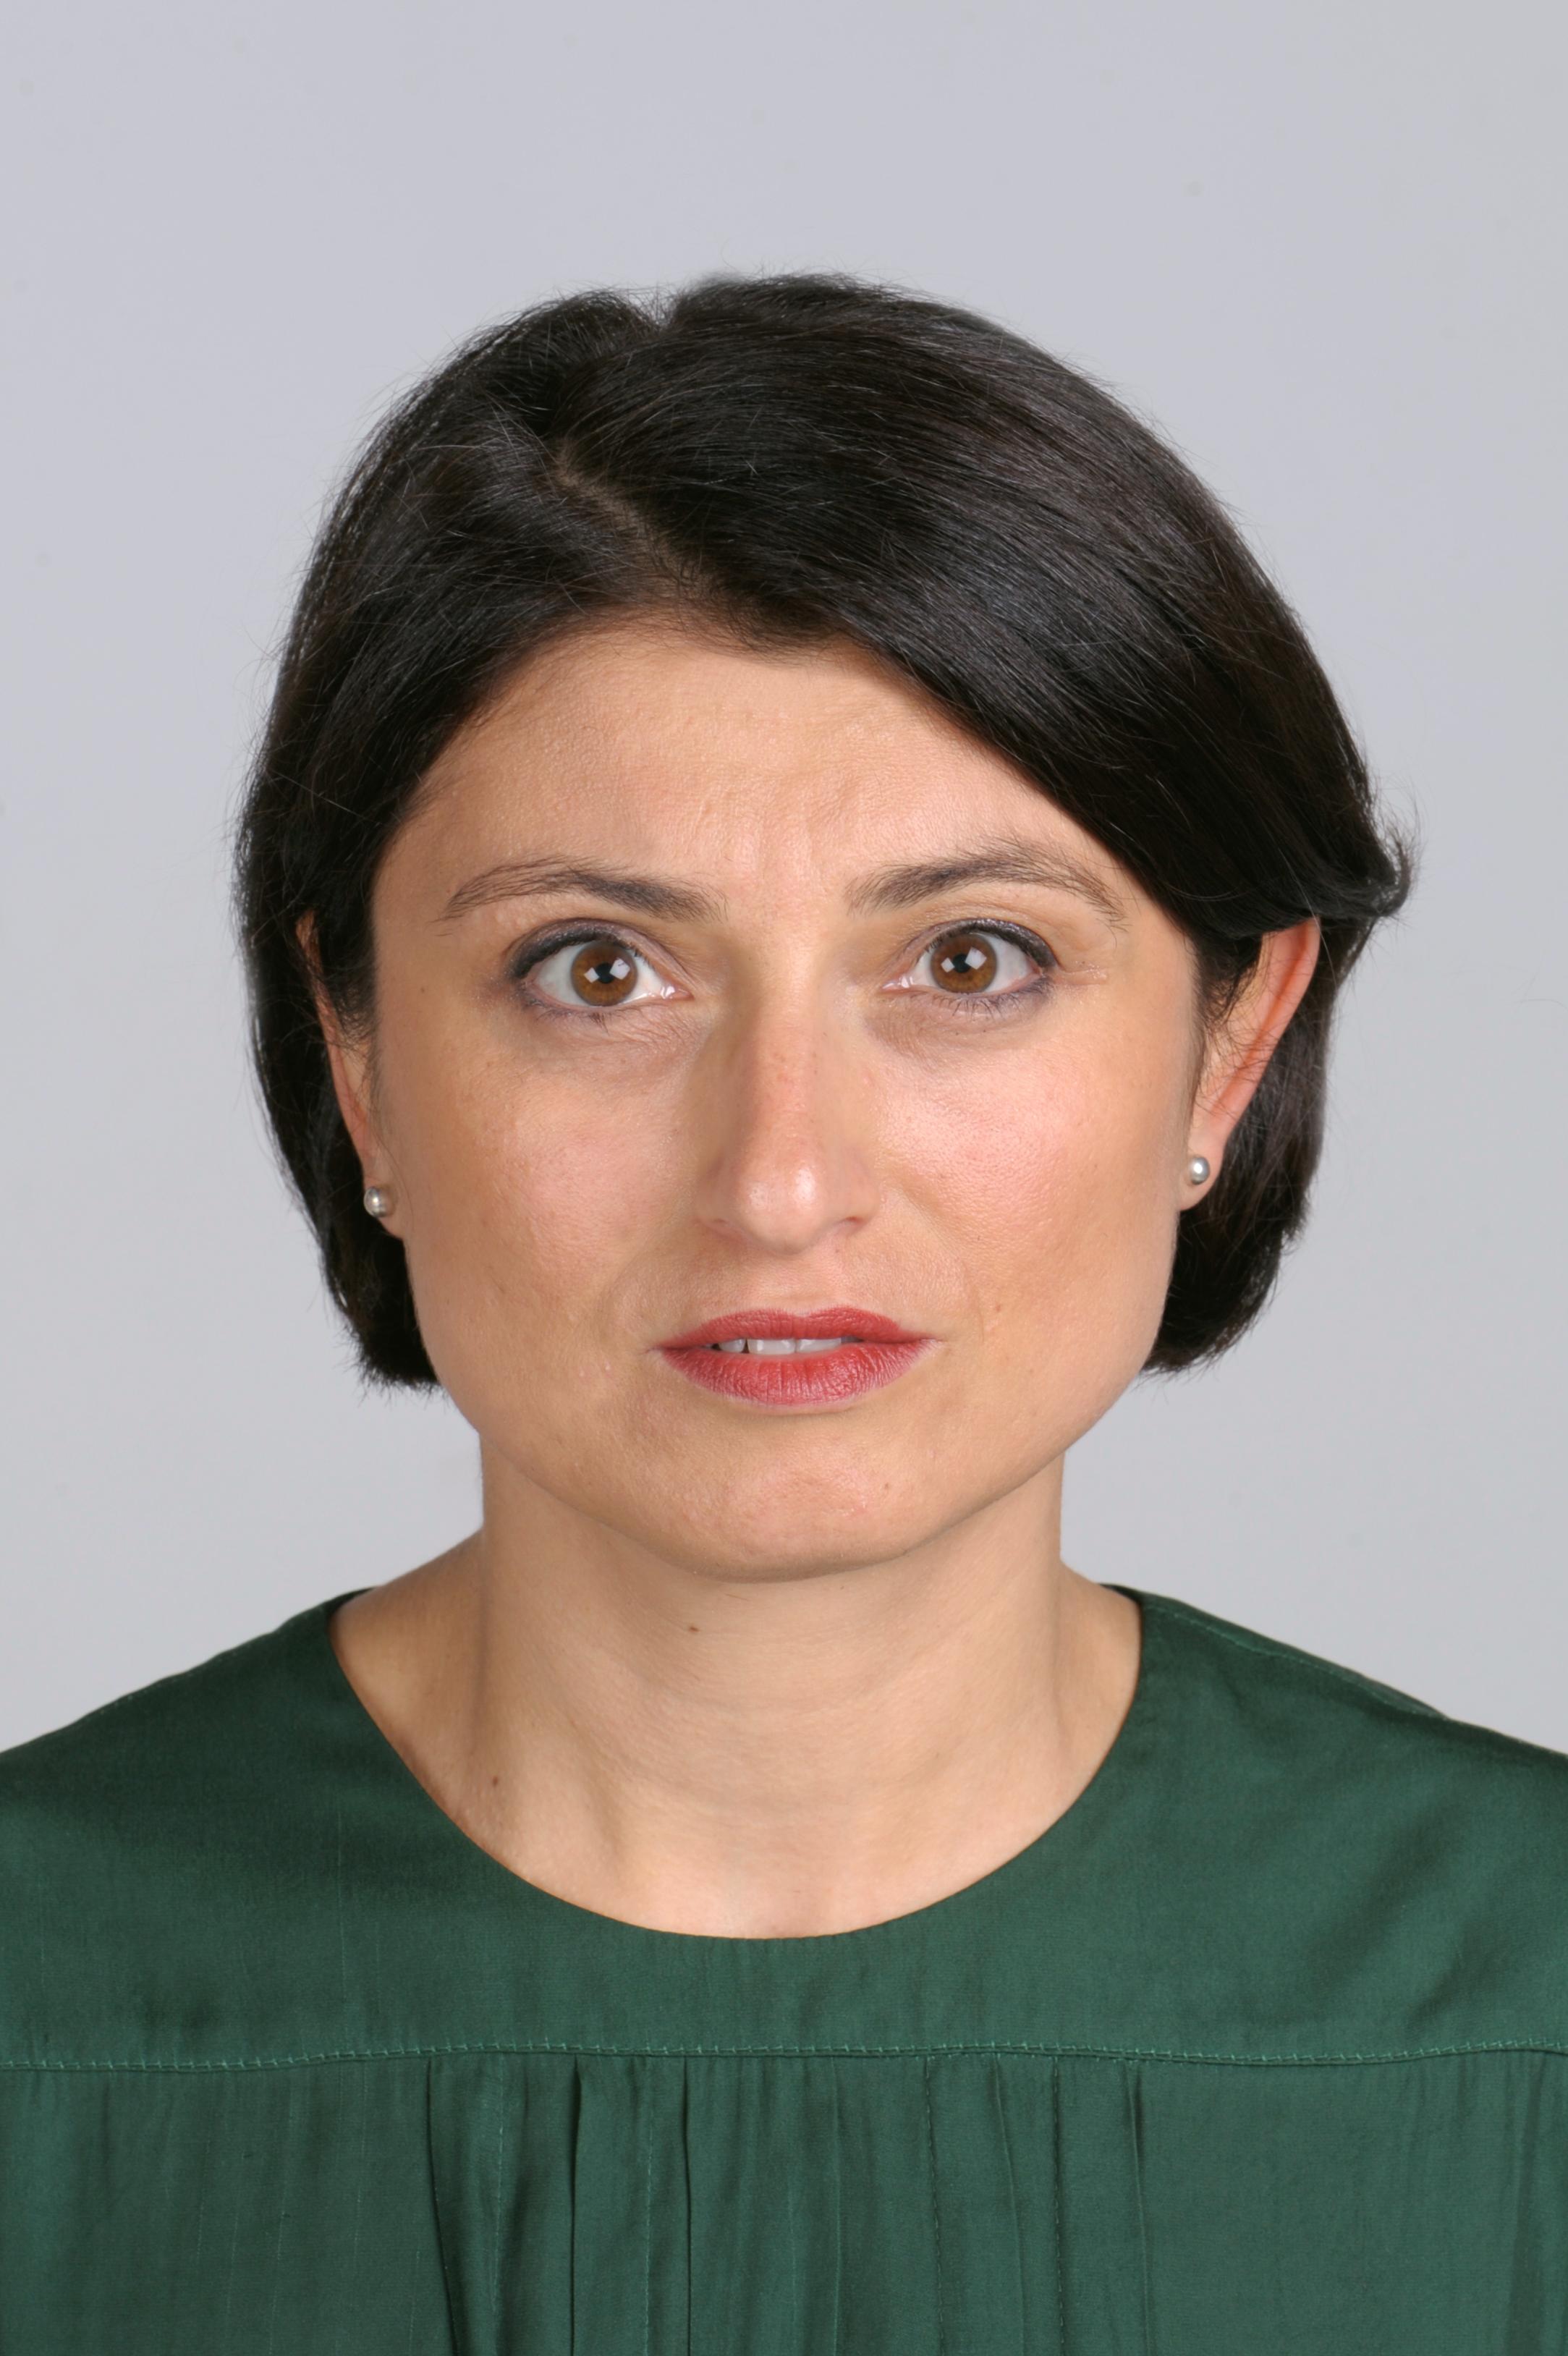 suenguen portrait